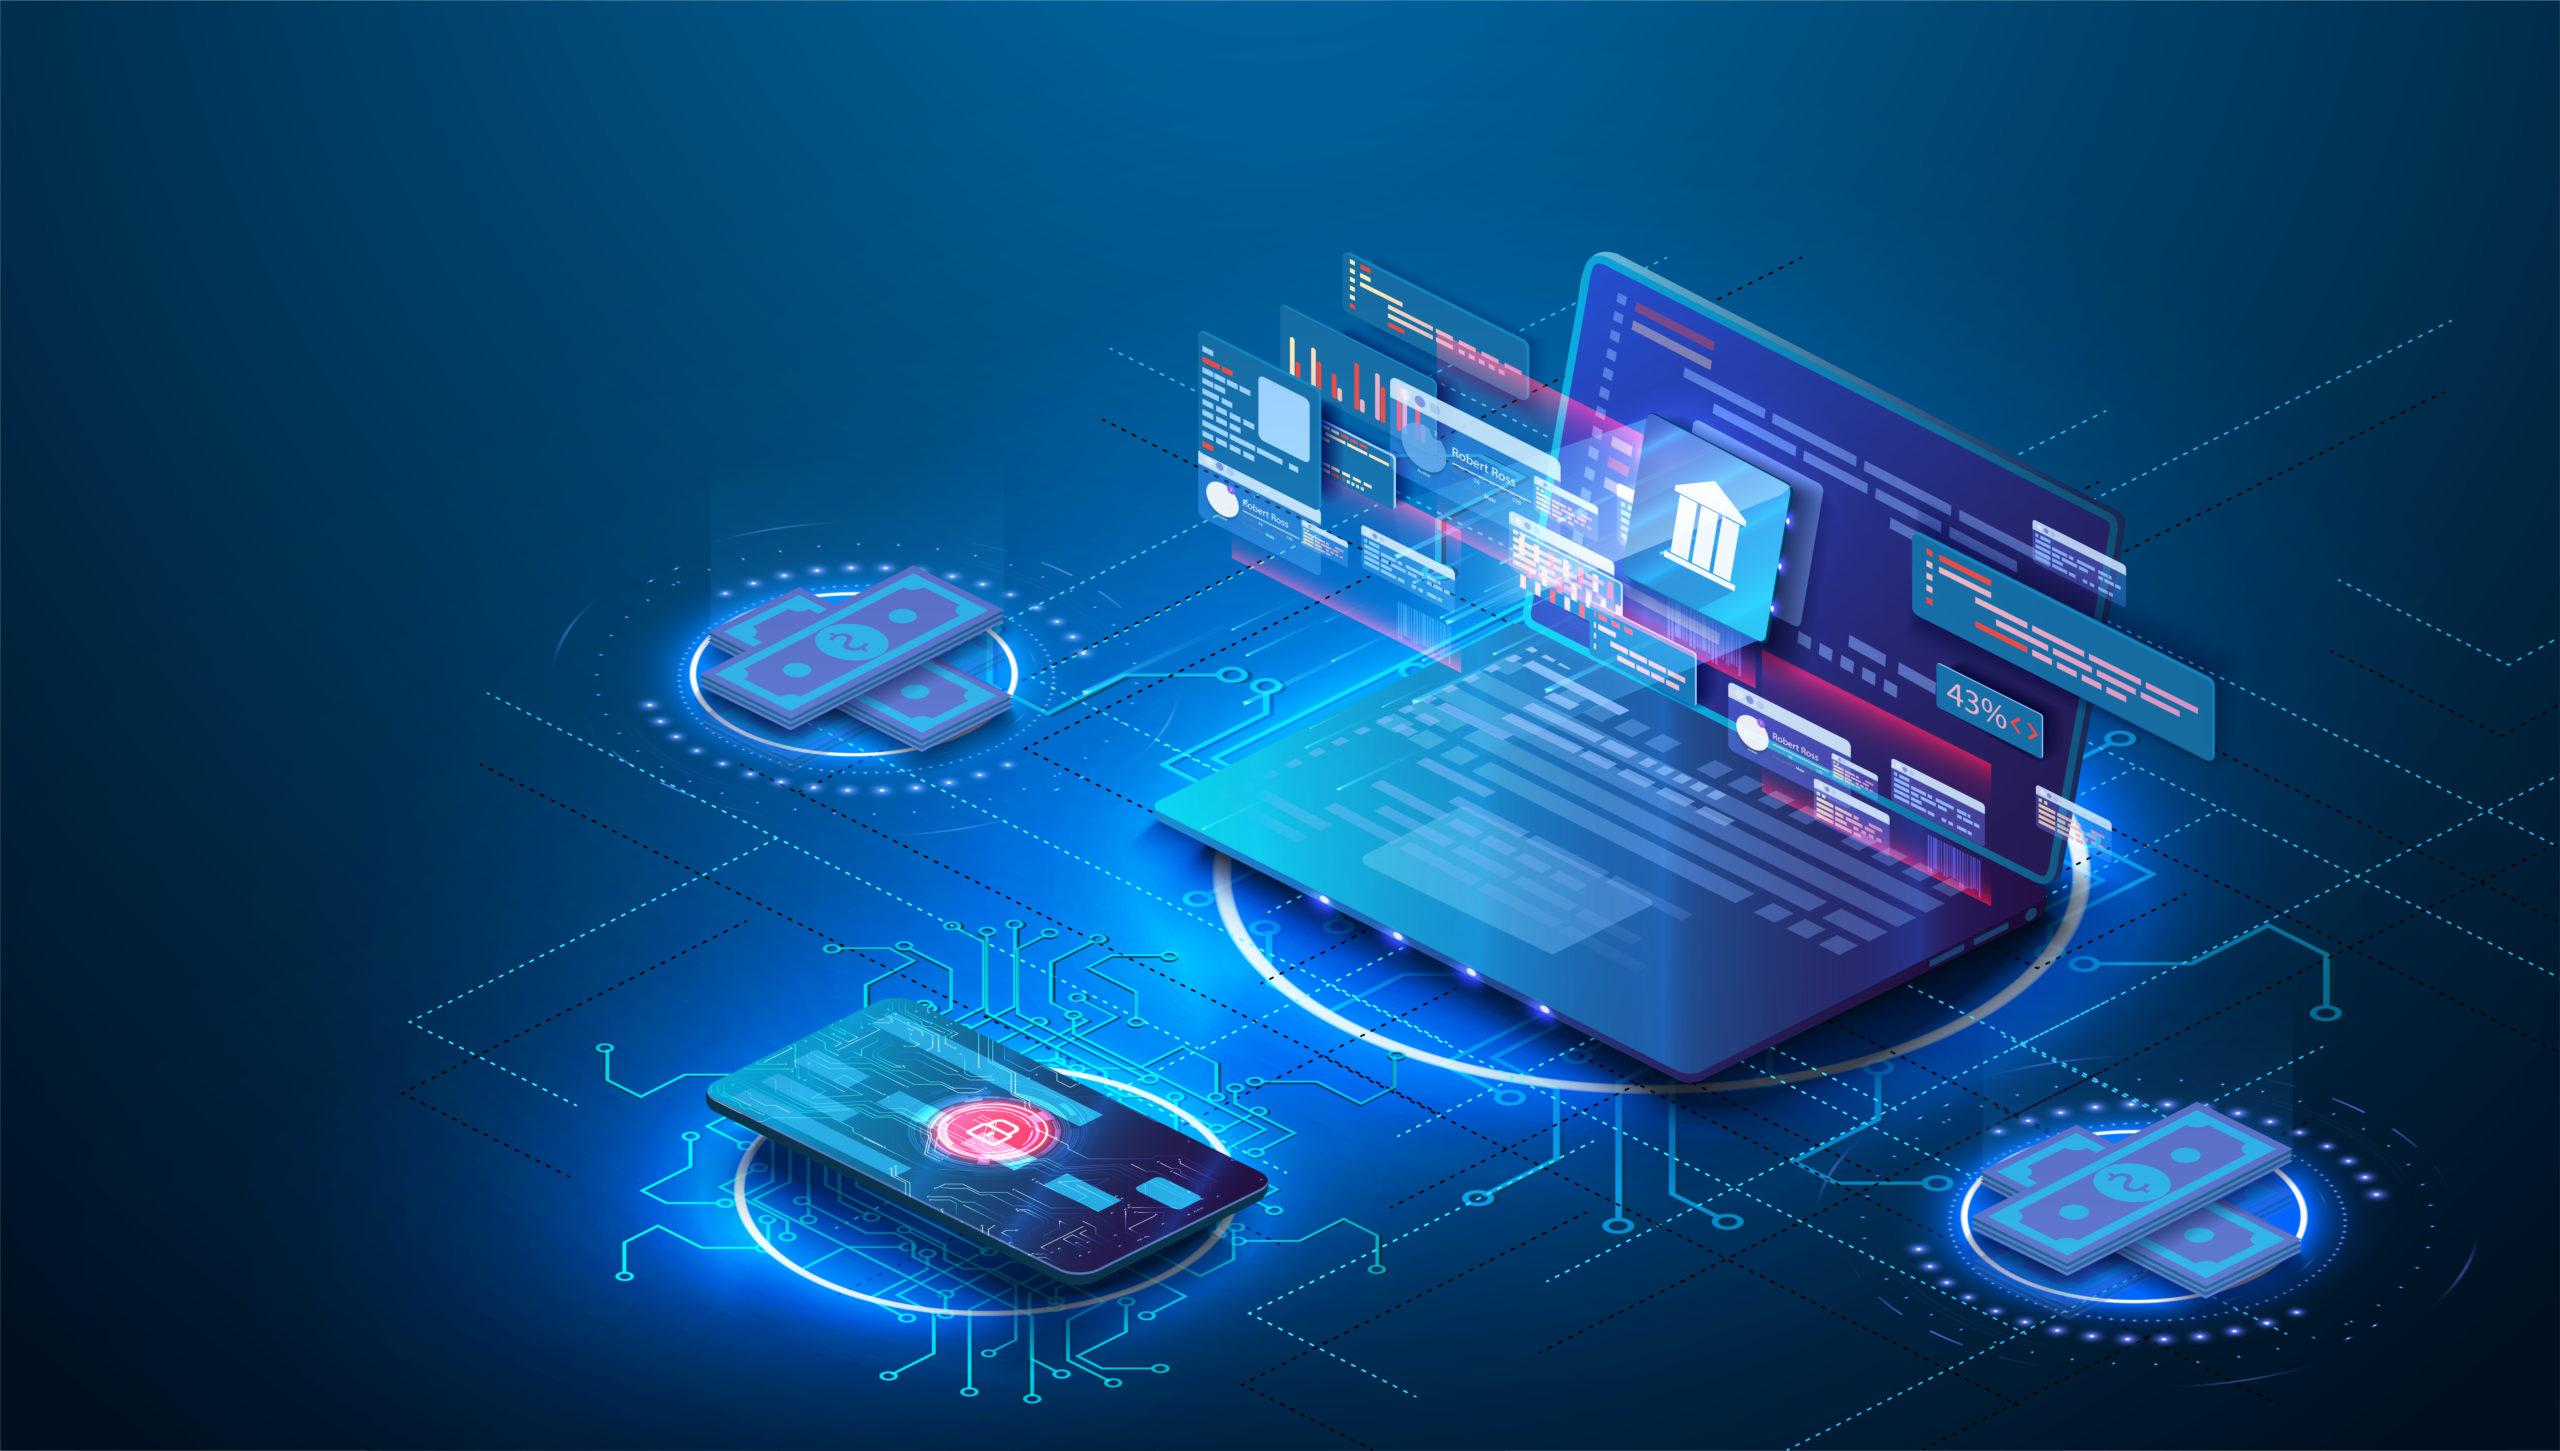 bancos fintech apuestan por blockhain internet de las cosas reto lograr modelo banca digital